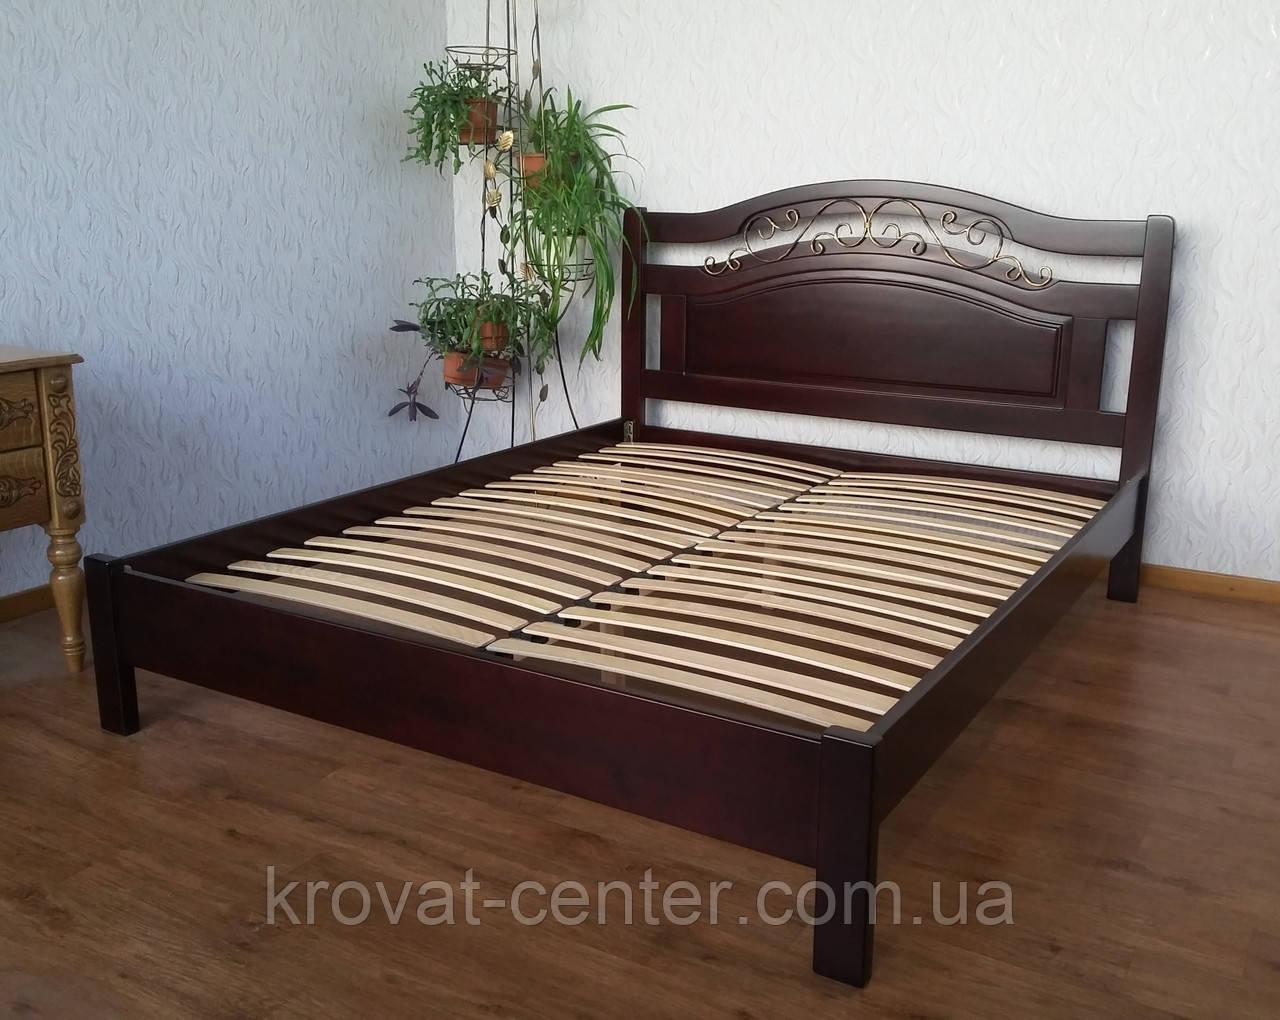 """Кровать двуспальная из натурального дерева """"Фантазия Премиум"""" от производителя"""